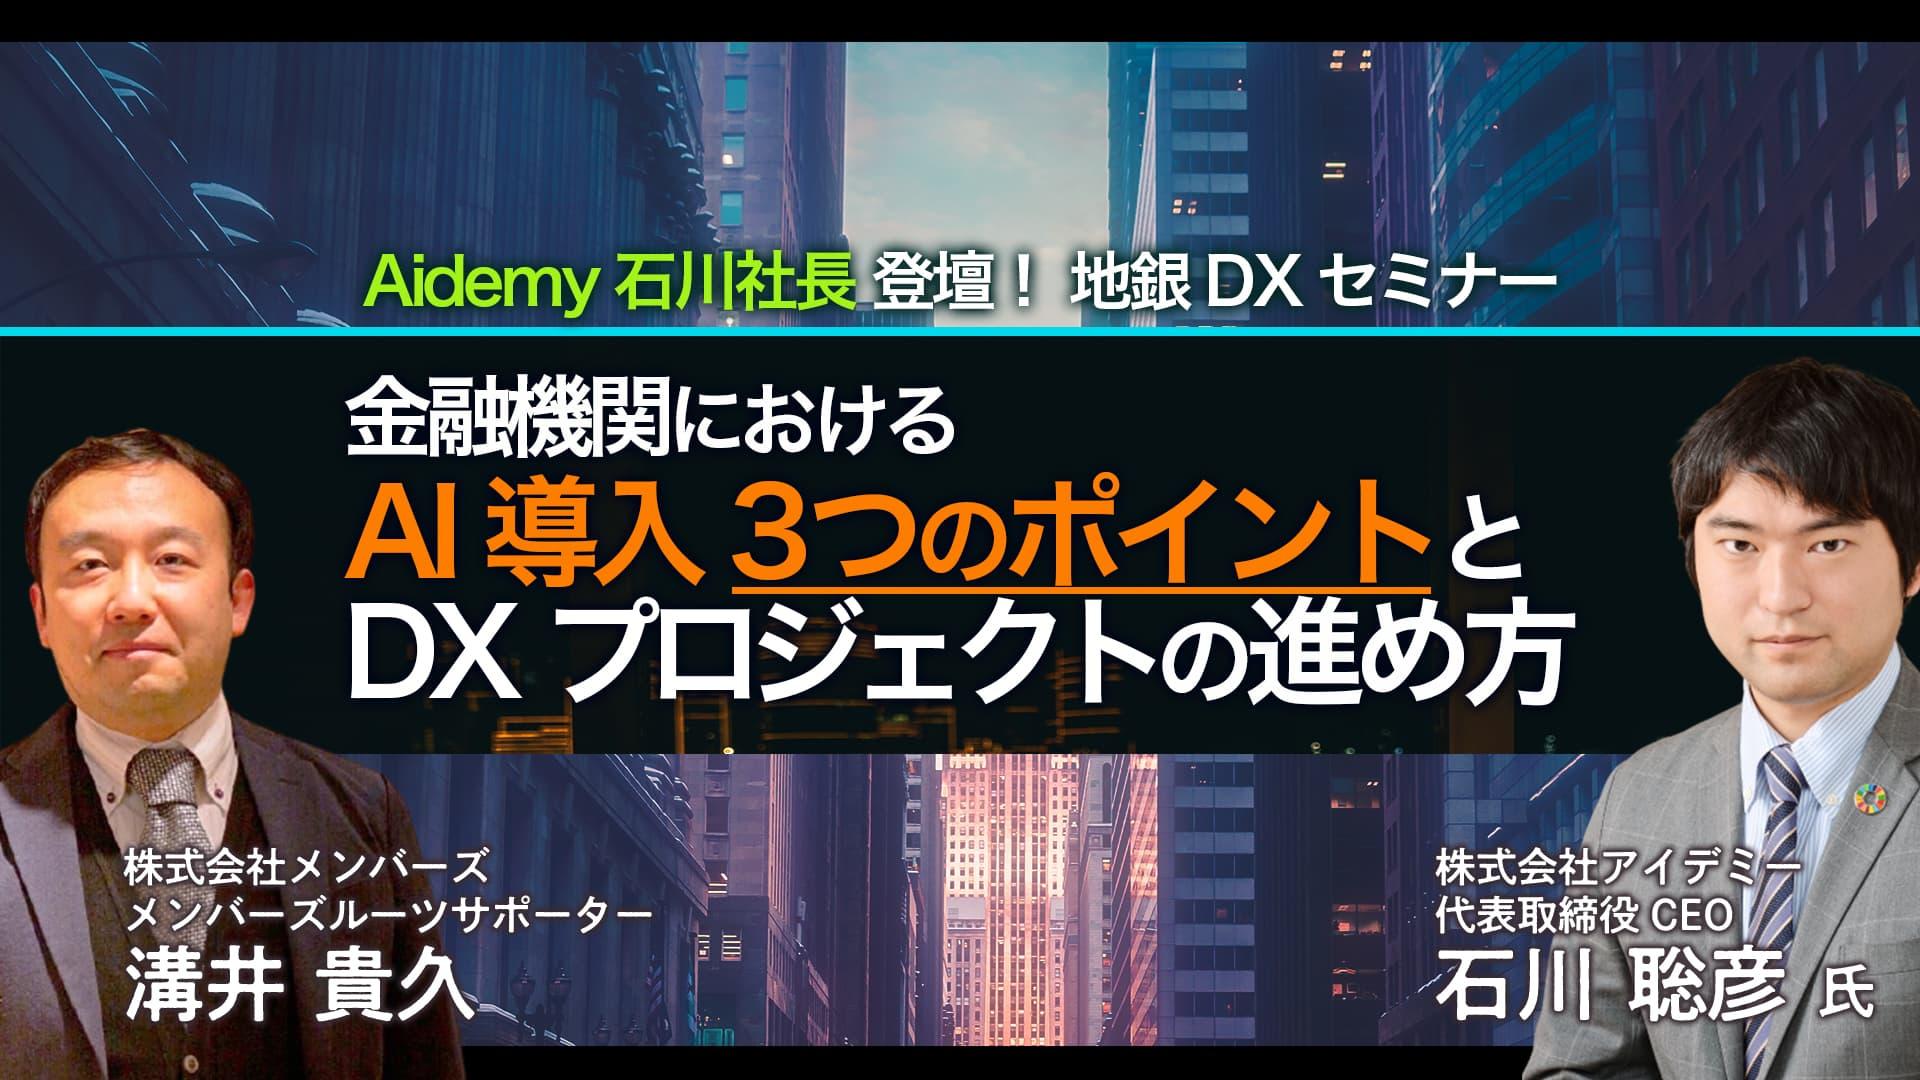 Aidemy 石川社長登壇!地銀DXセミナー「金融機関におけるAI導入3つのポイントとDXプロジェクトの進め方」